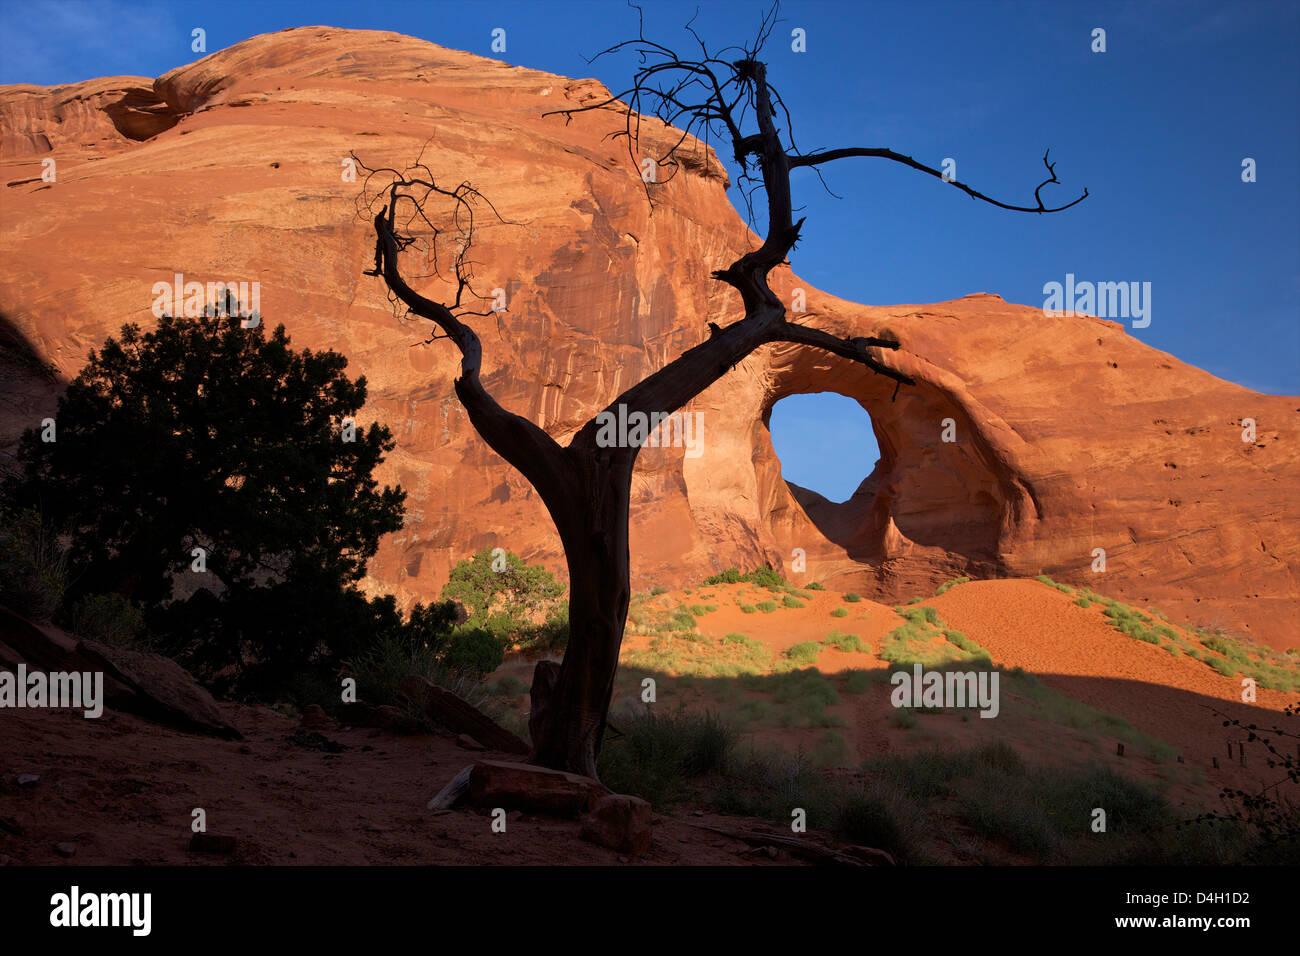 Dead ginestra telai orecchio del vento Arch, il parco tribale Navajo Monument Valley, Utah, Stati Uniti d'America Immagini Stock